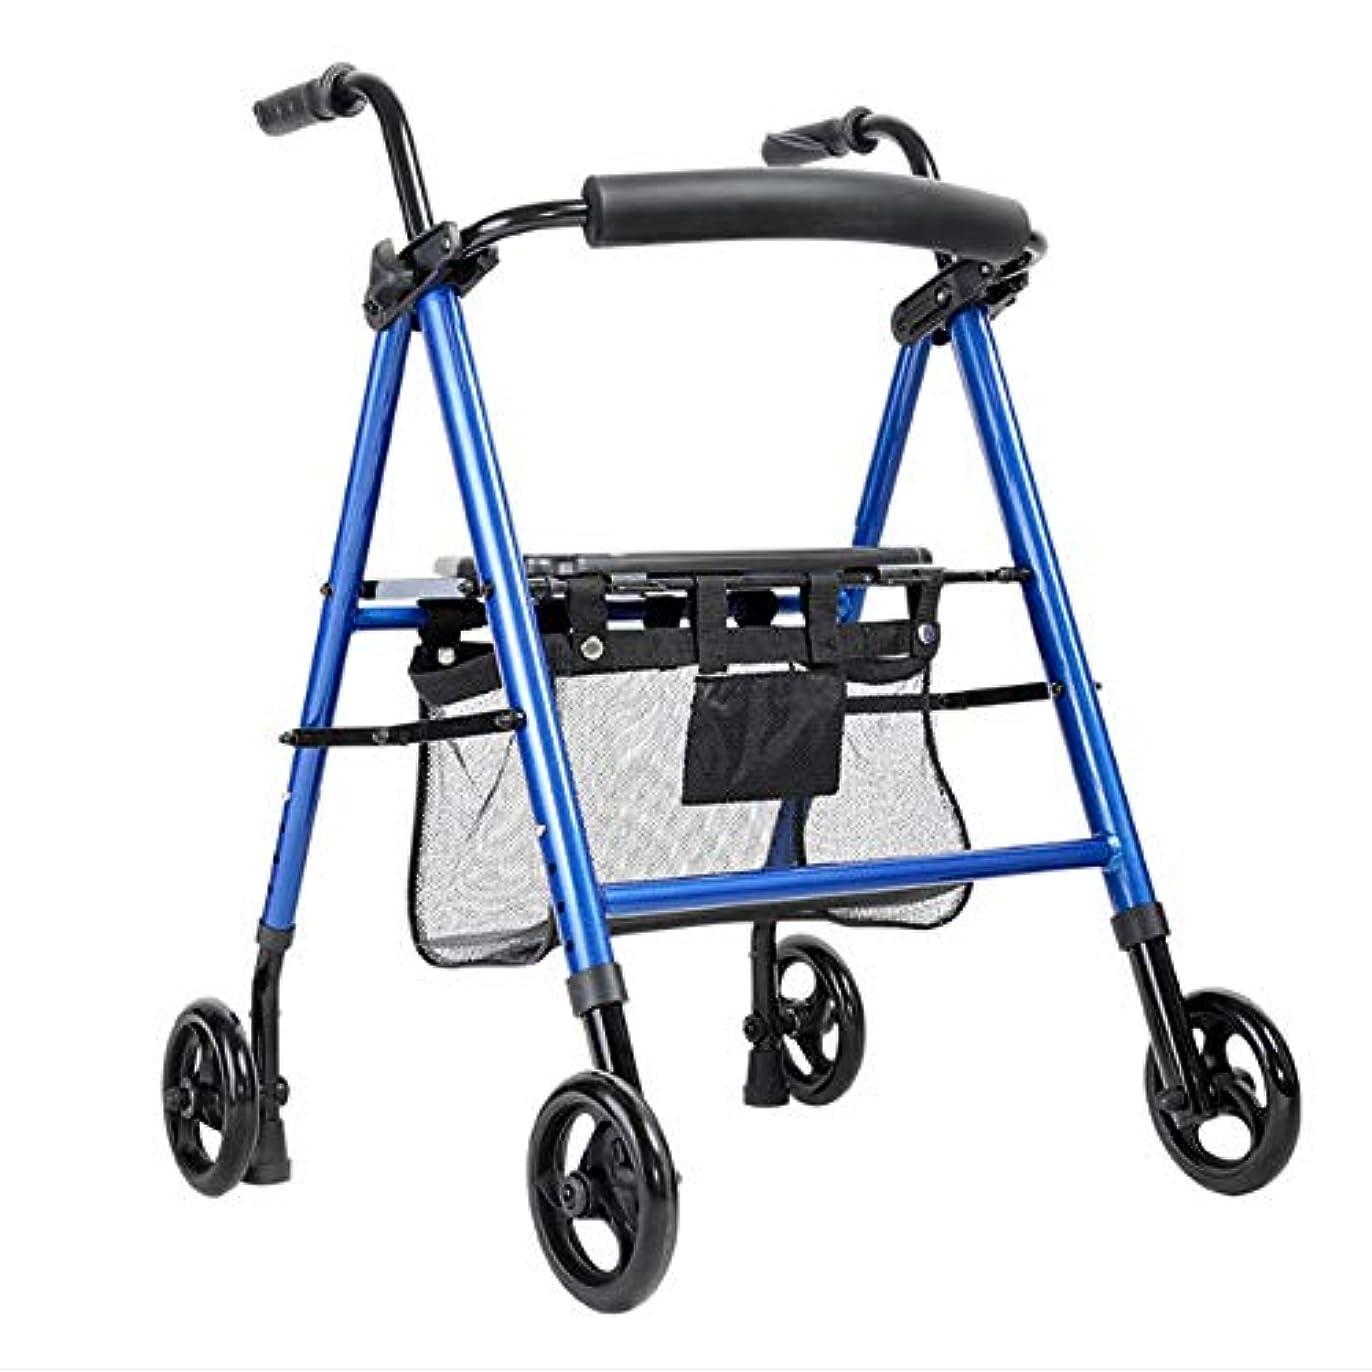 ランチ振り子請負業者四輪ヘビーデューティーウォーカー、ウォーカー、高齢者、手術後、怪我用の休憩シート